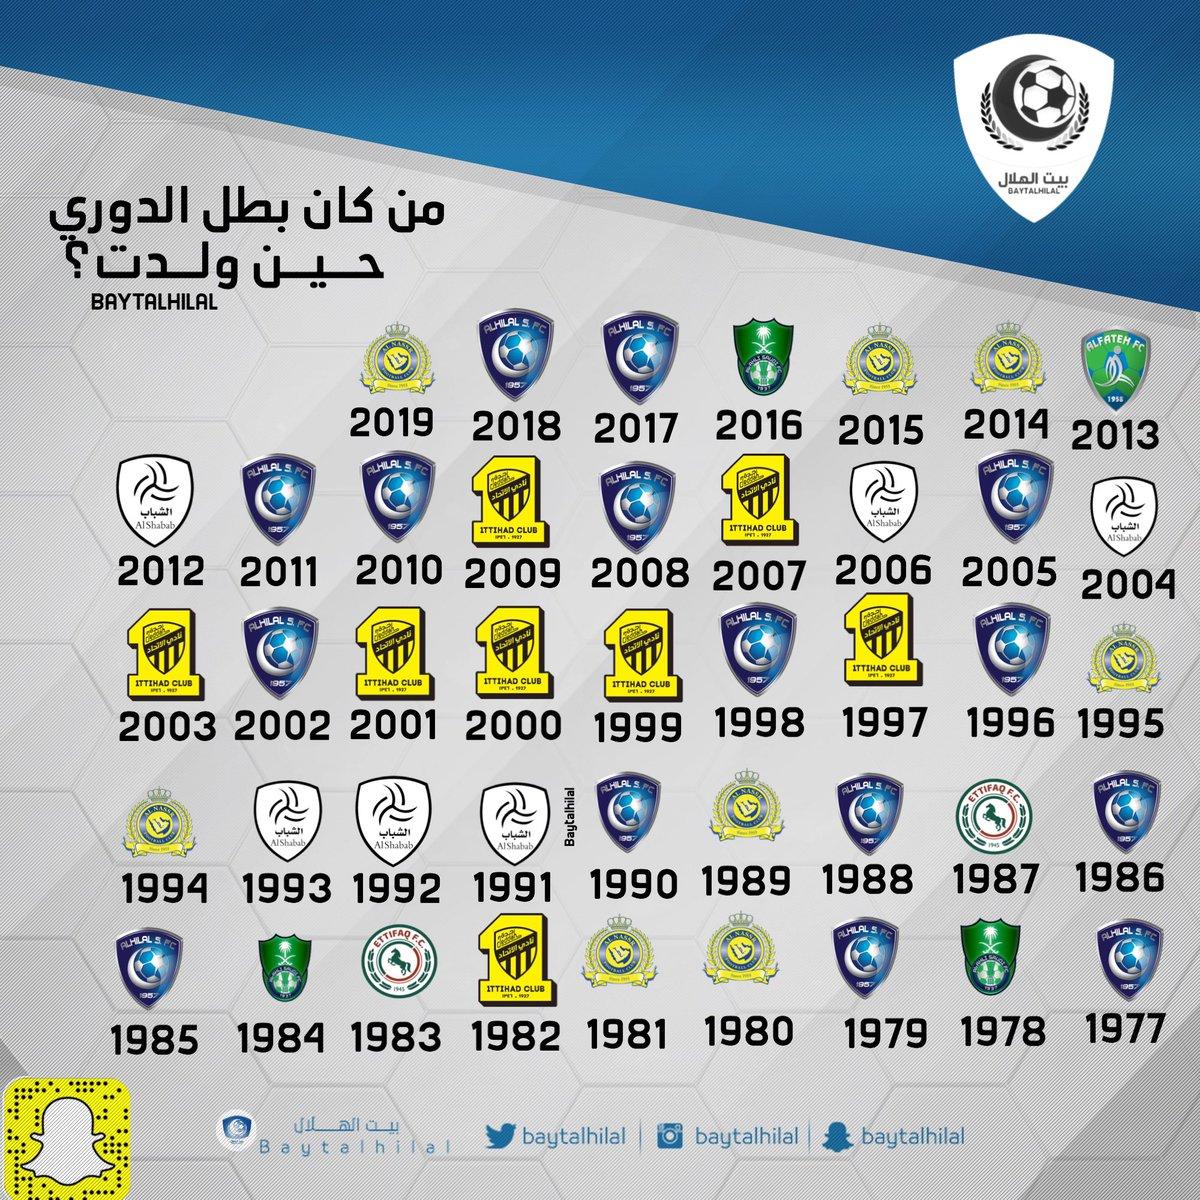 بيت الهلال On Twitter من كان بطل الدوري حين ولدت الهلال